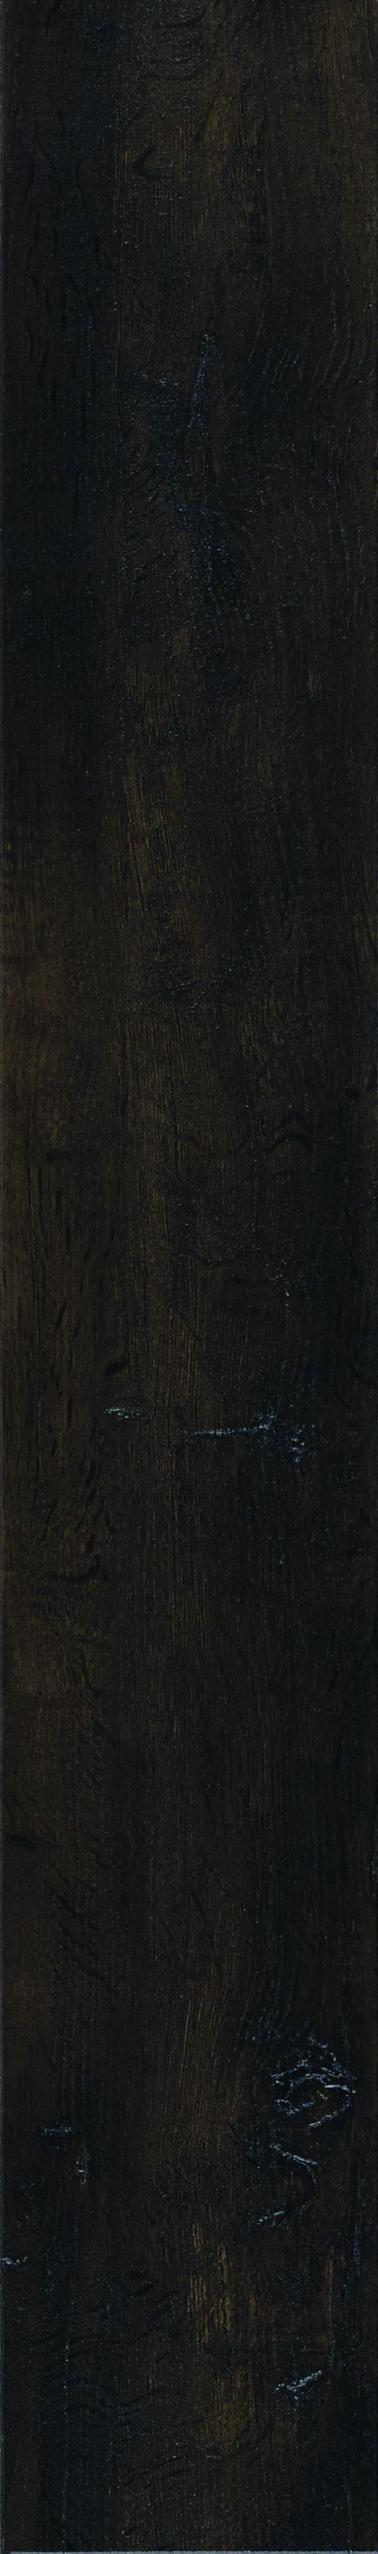 Līmējamā vinila grīda Moduleo Impress Country Oak 54991